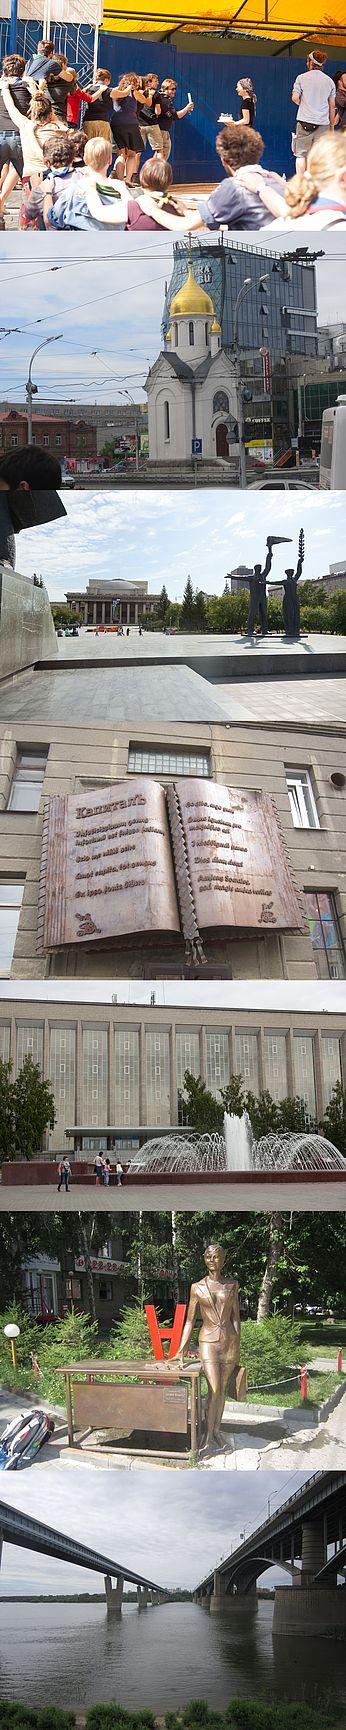 Vorschaubild für die Seite:  Conga line for Masha in Novosibirsk